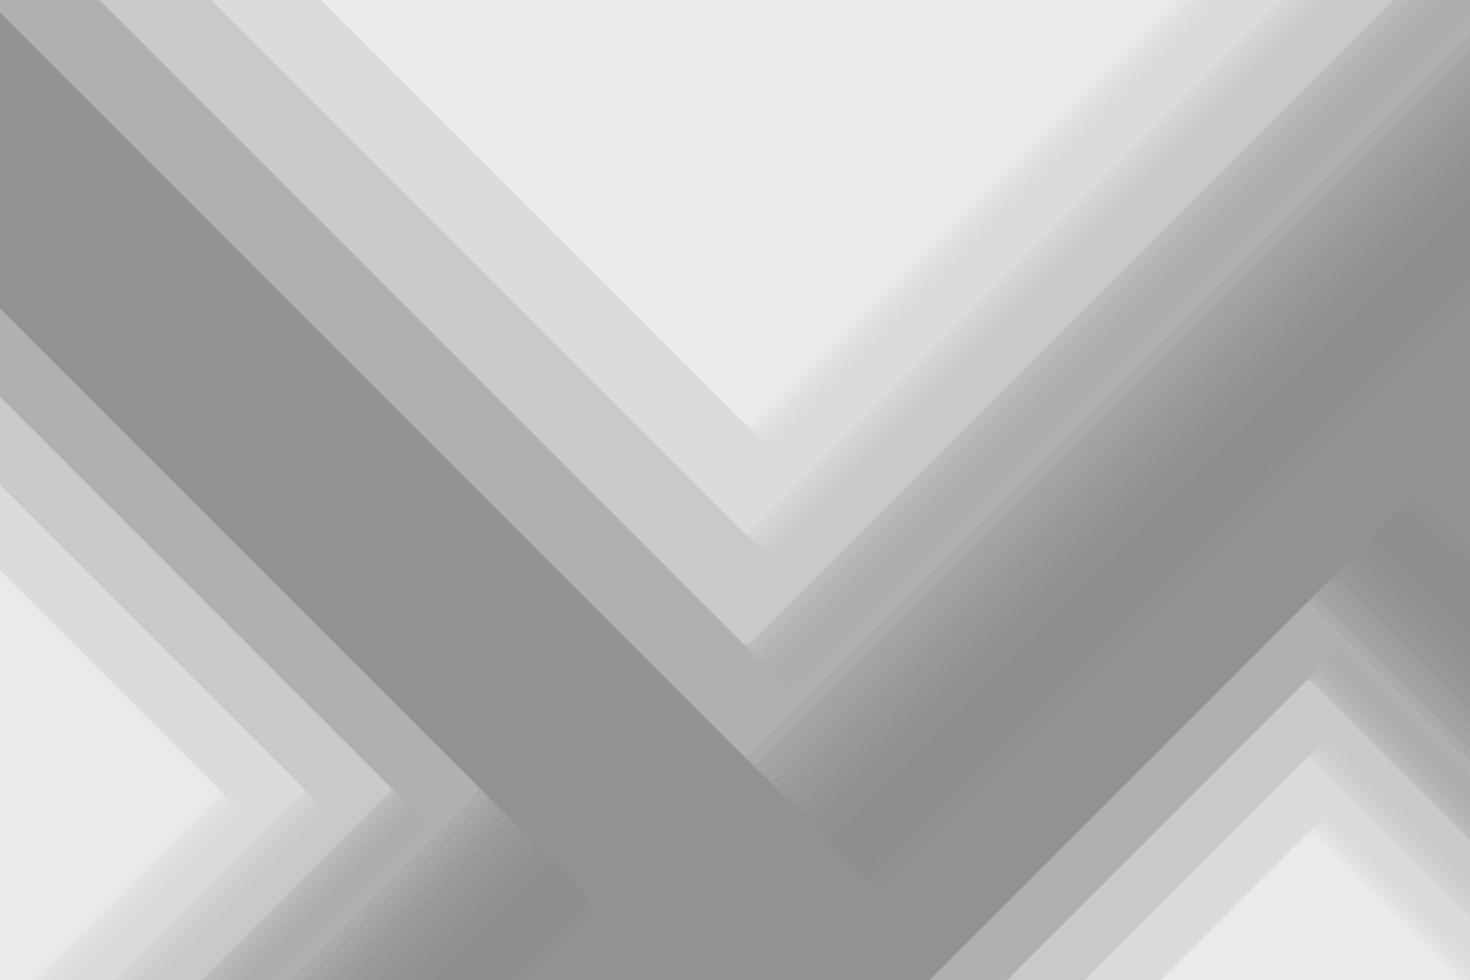 Paso blanco abstracto del fondo de las ilustraciones del modelo geométrico del diseño moderno. vector de ilustración